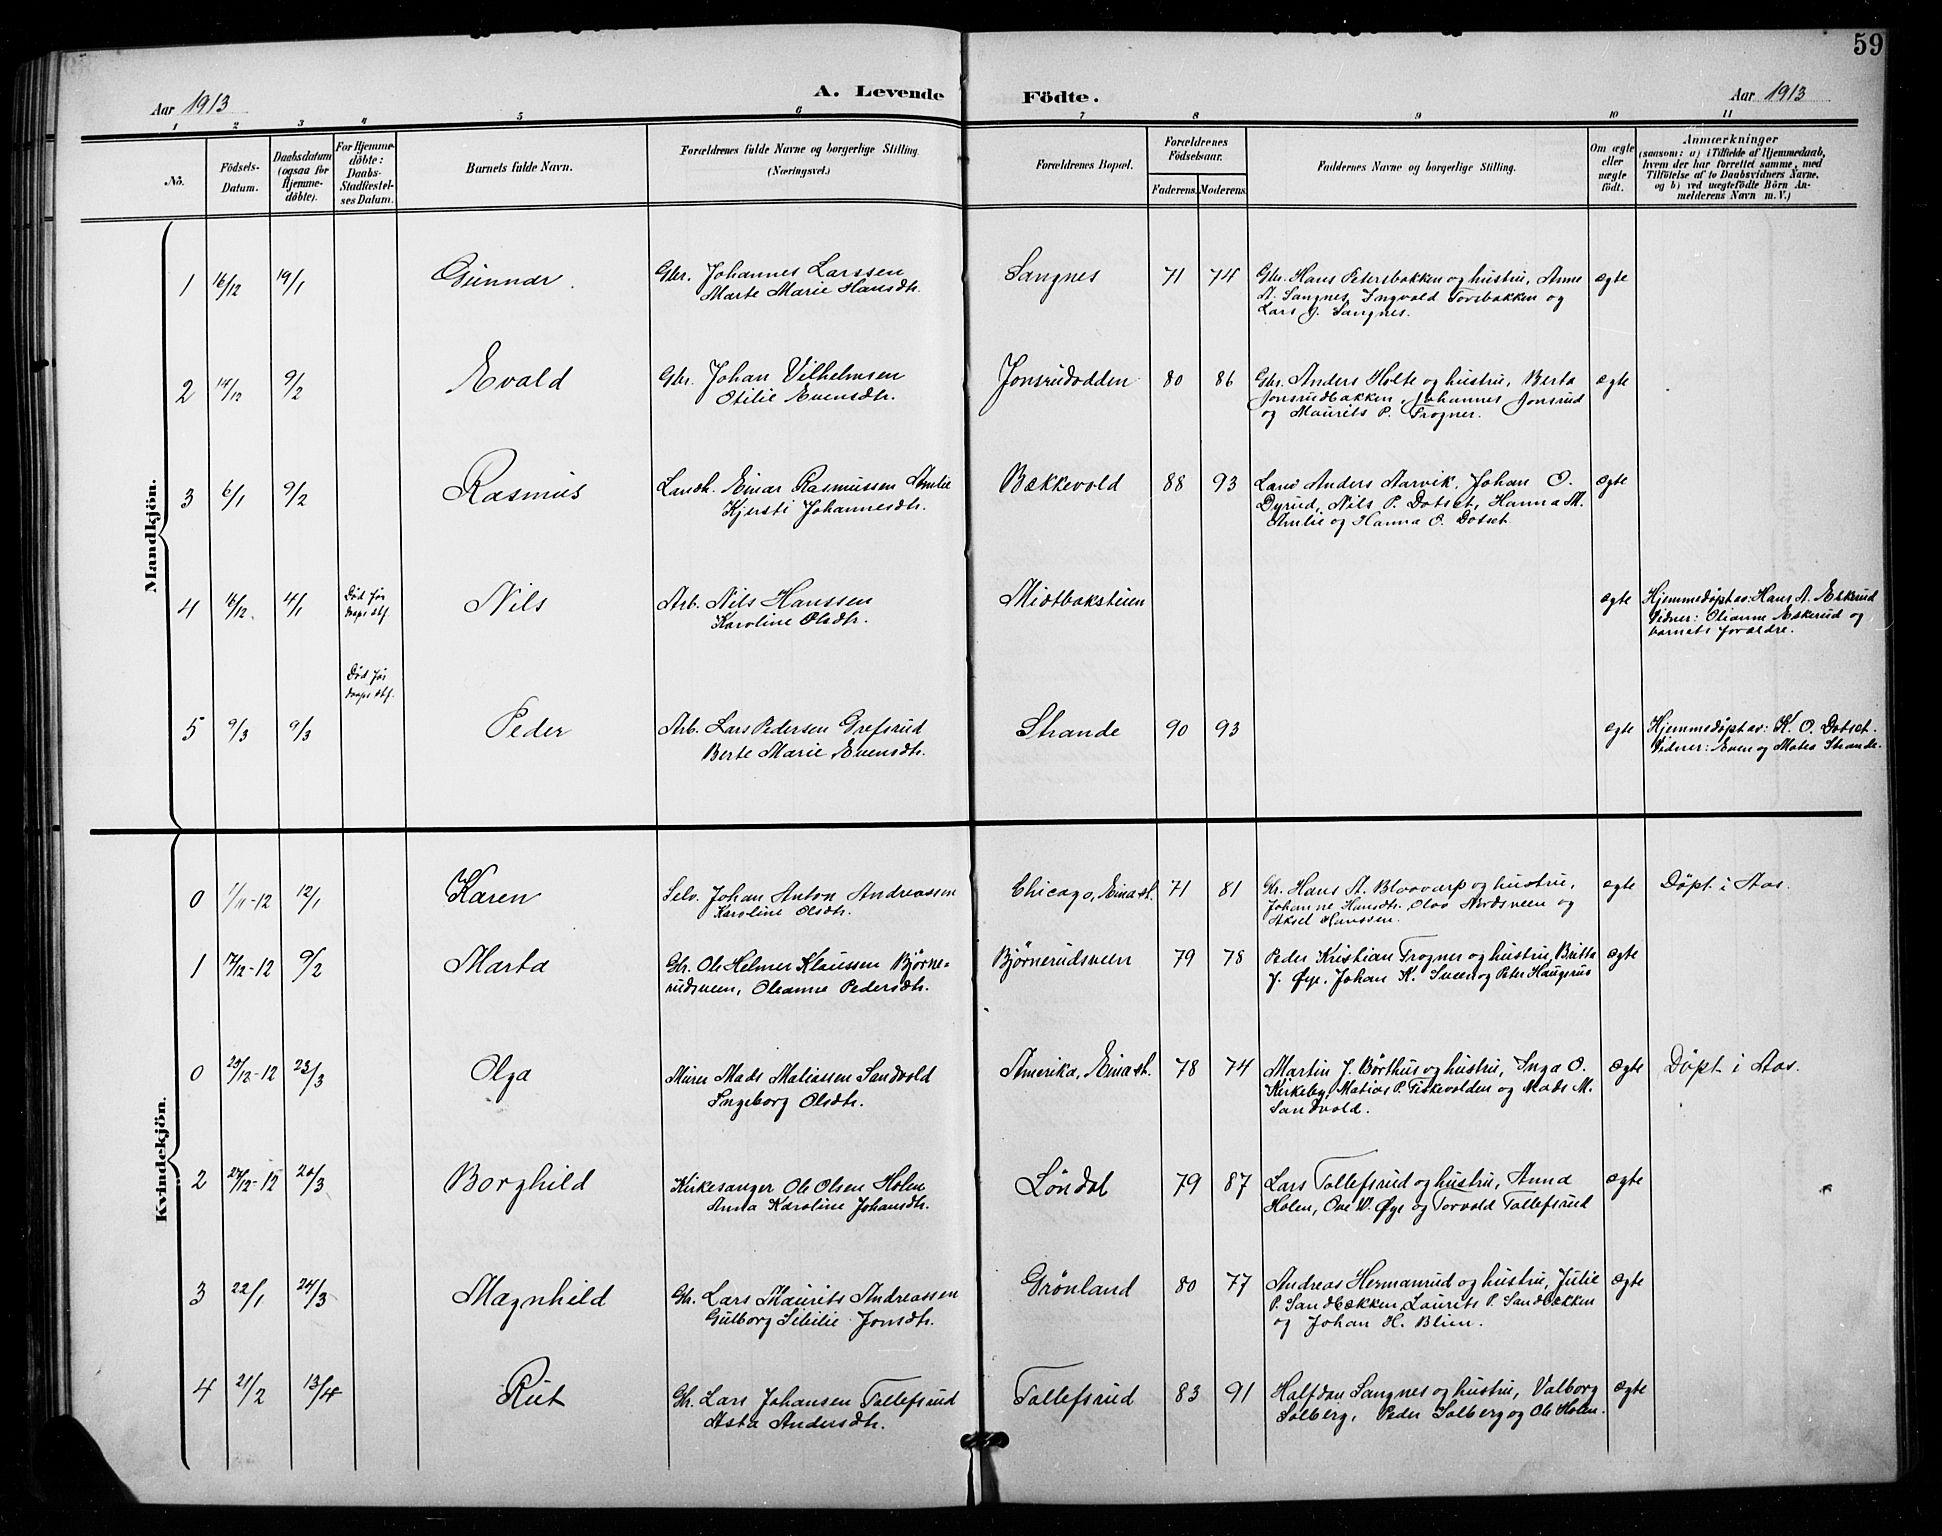 SAH, Vestre Toten prestekontor, Klokkerbok nr. 16, 1901-1915, s. 59